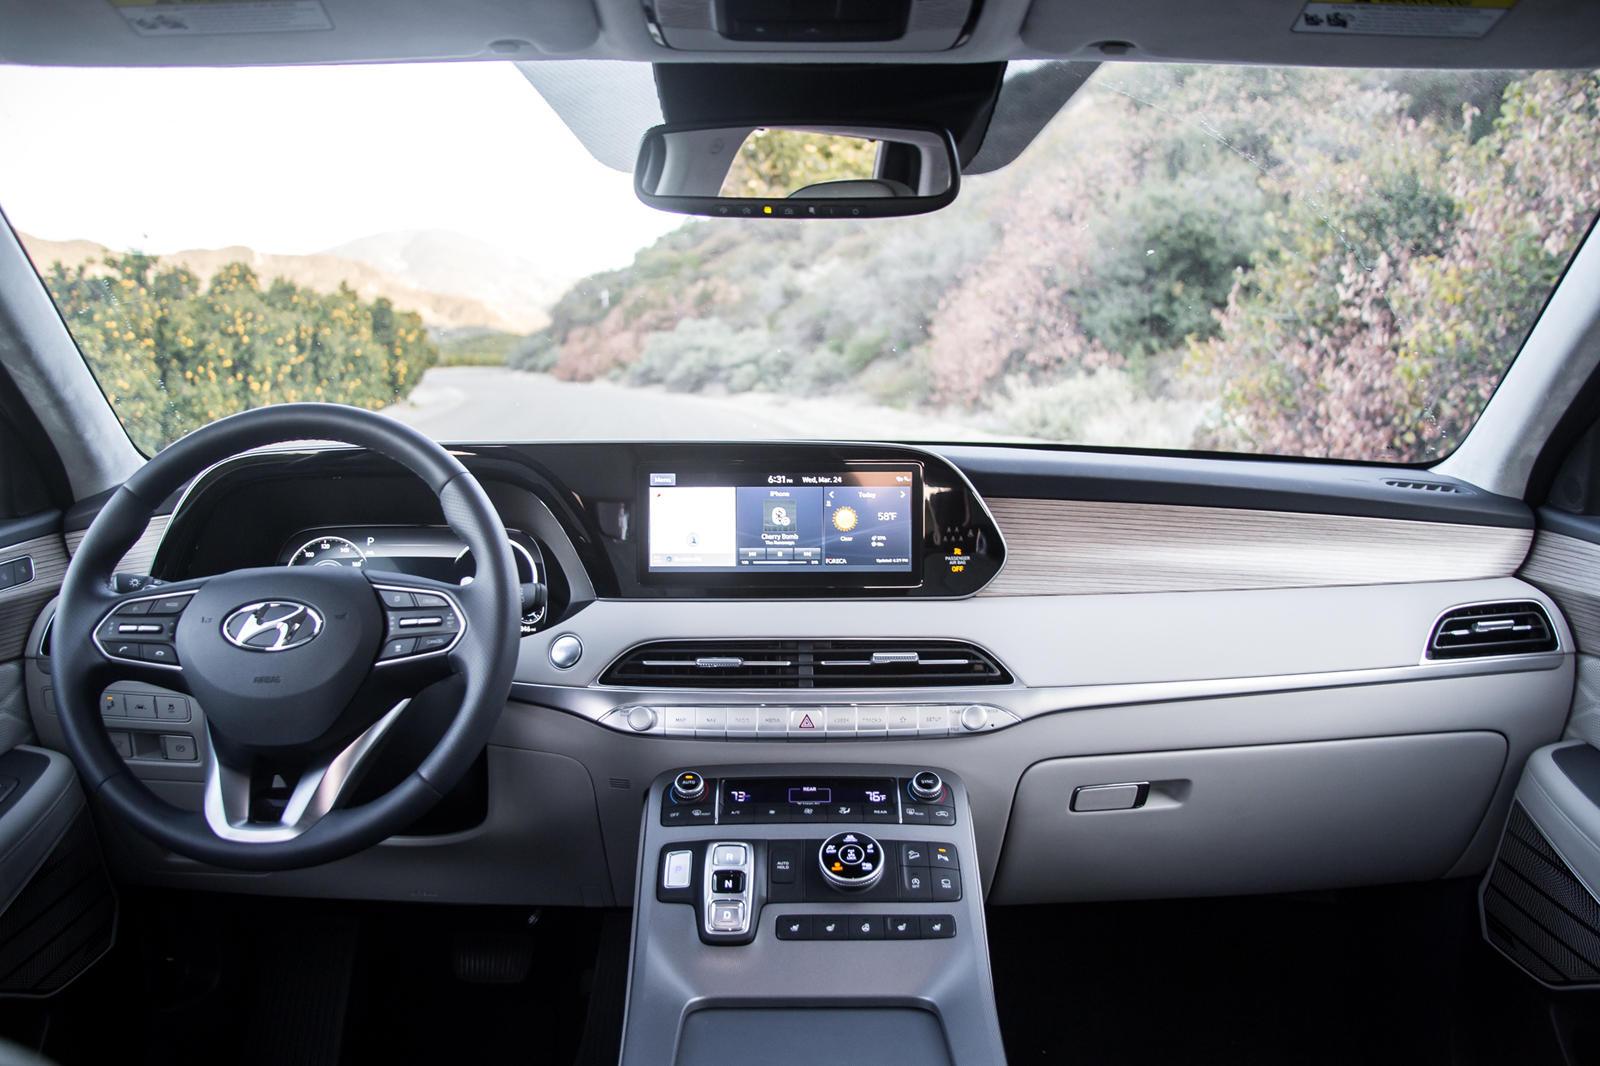 Hệ thống điều hoà hiện tại của Hyundai